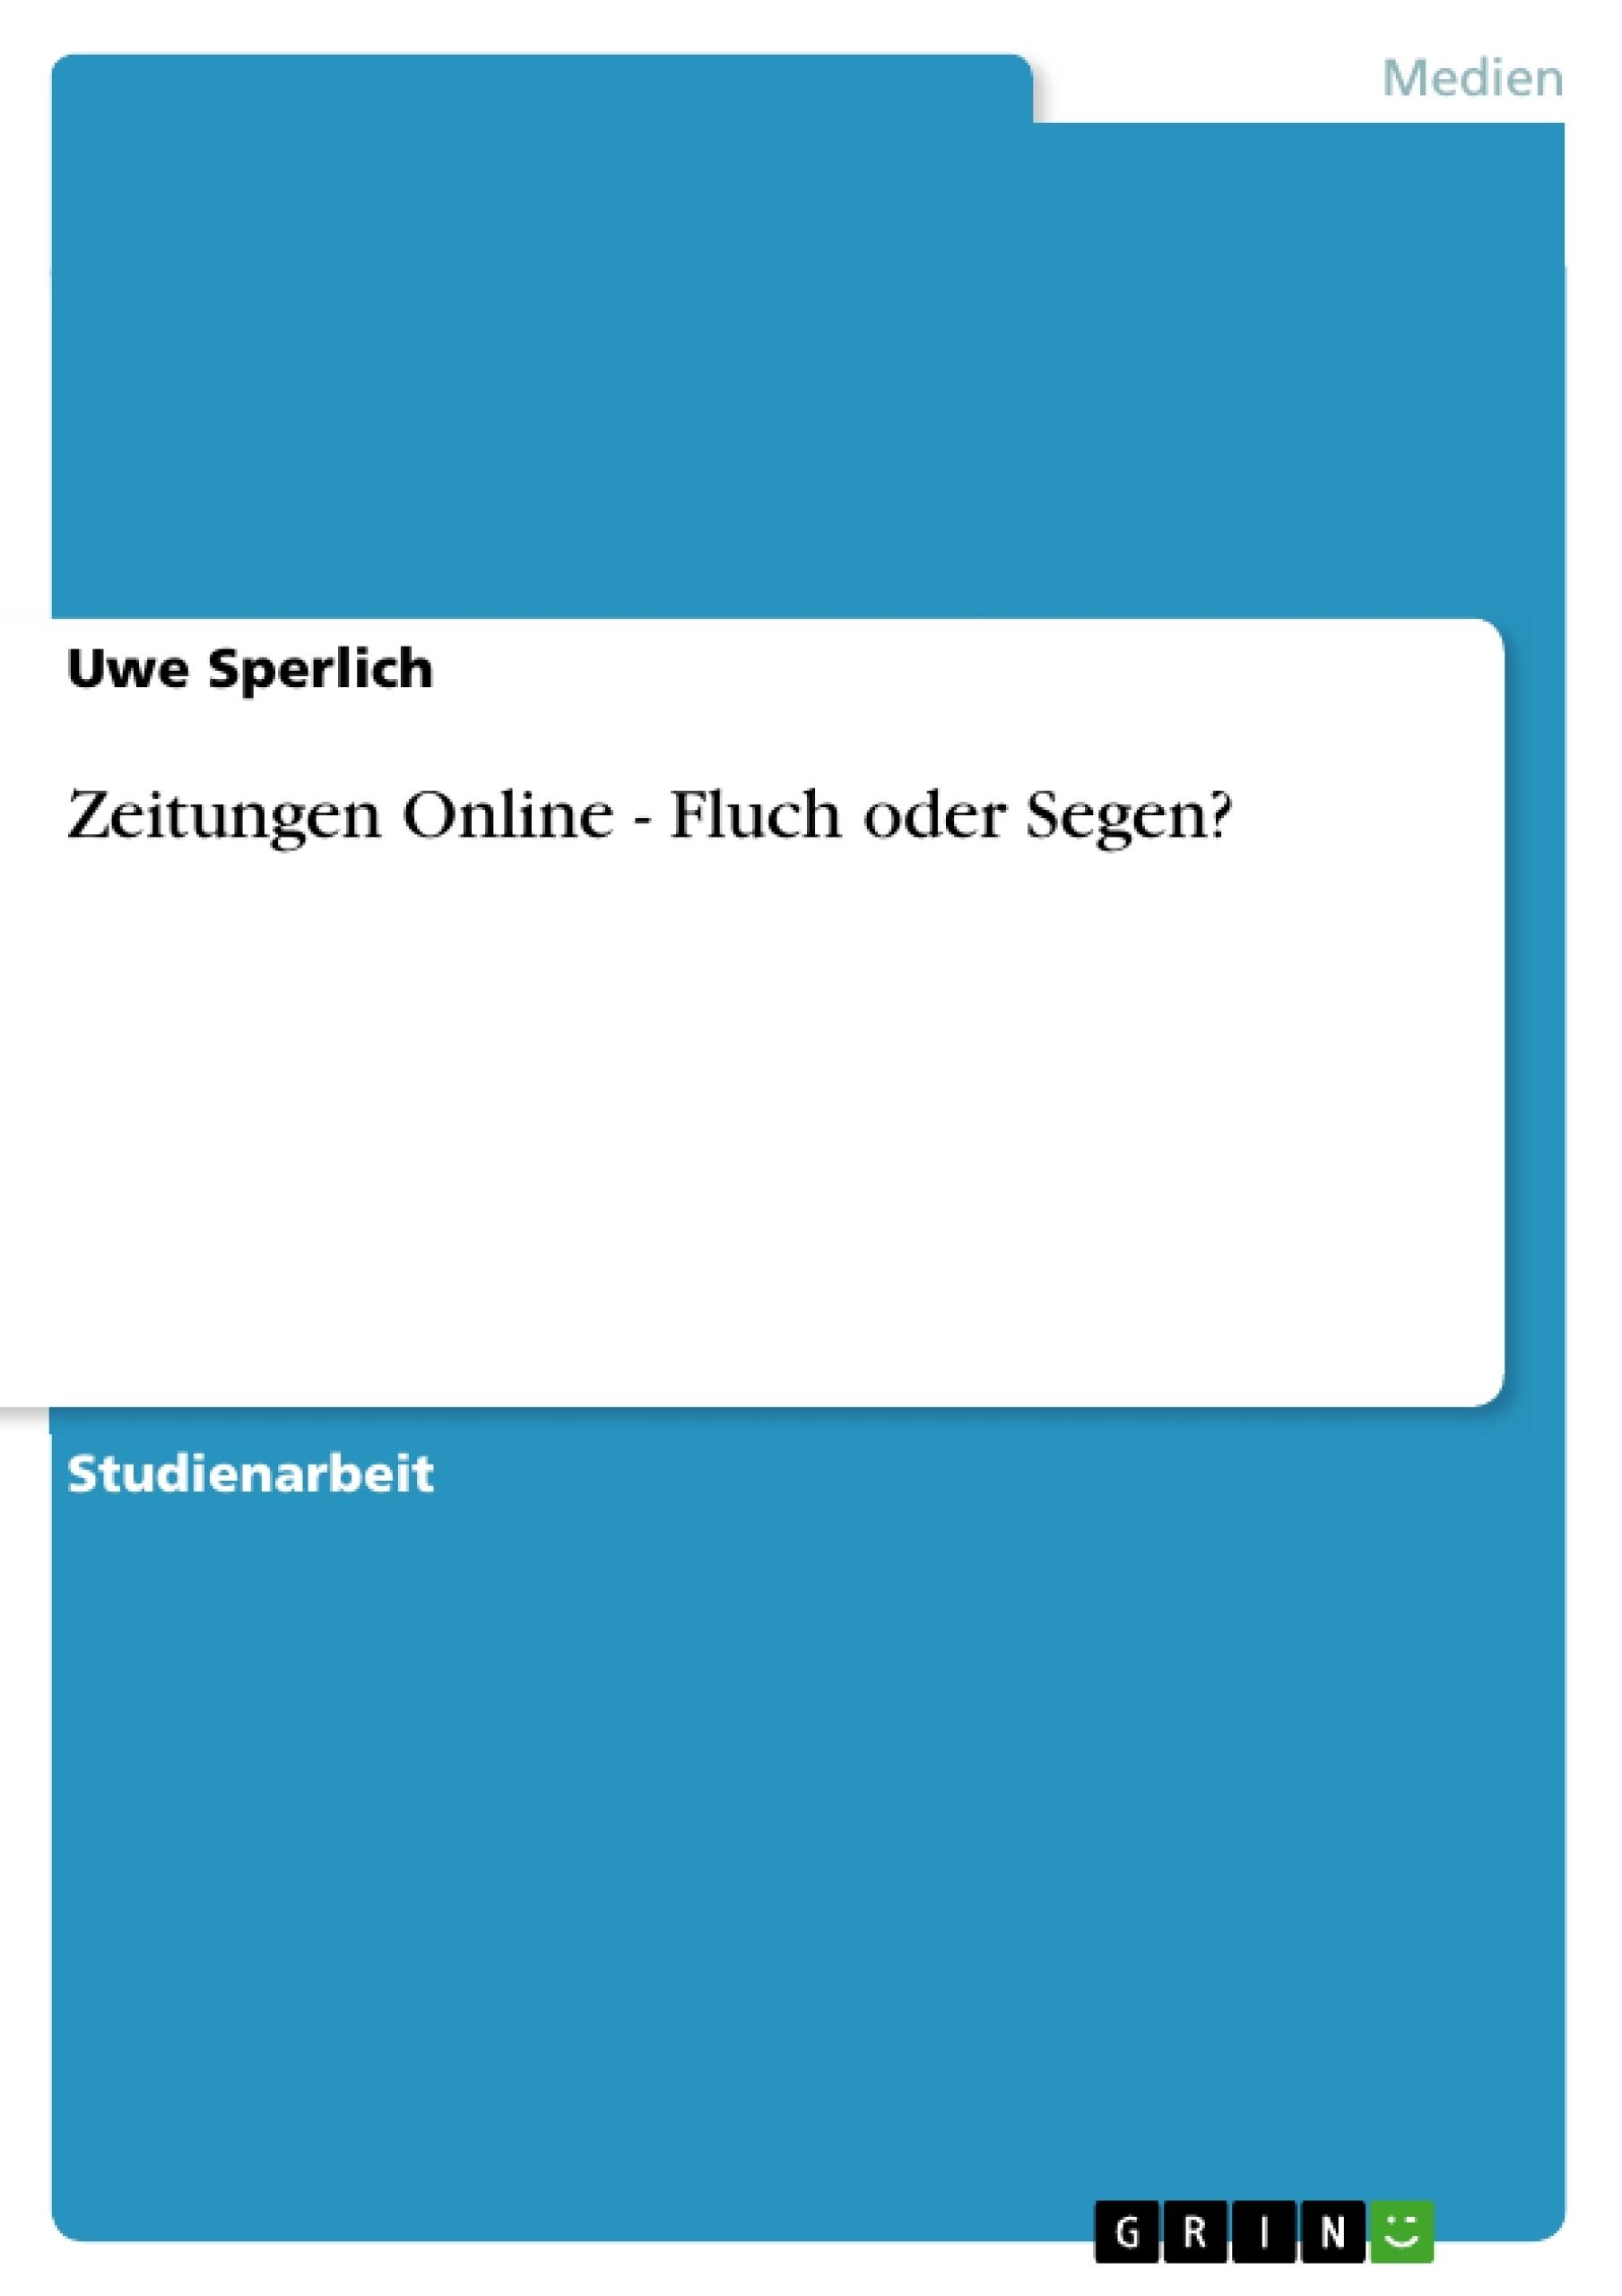 Titel: Zeitungen Online - Fluch oder Segen?